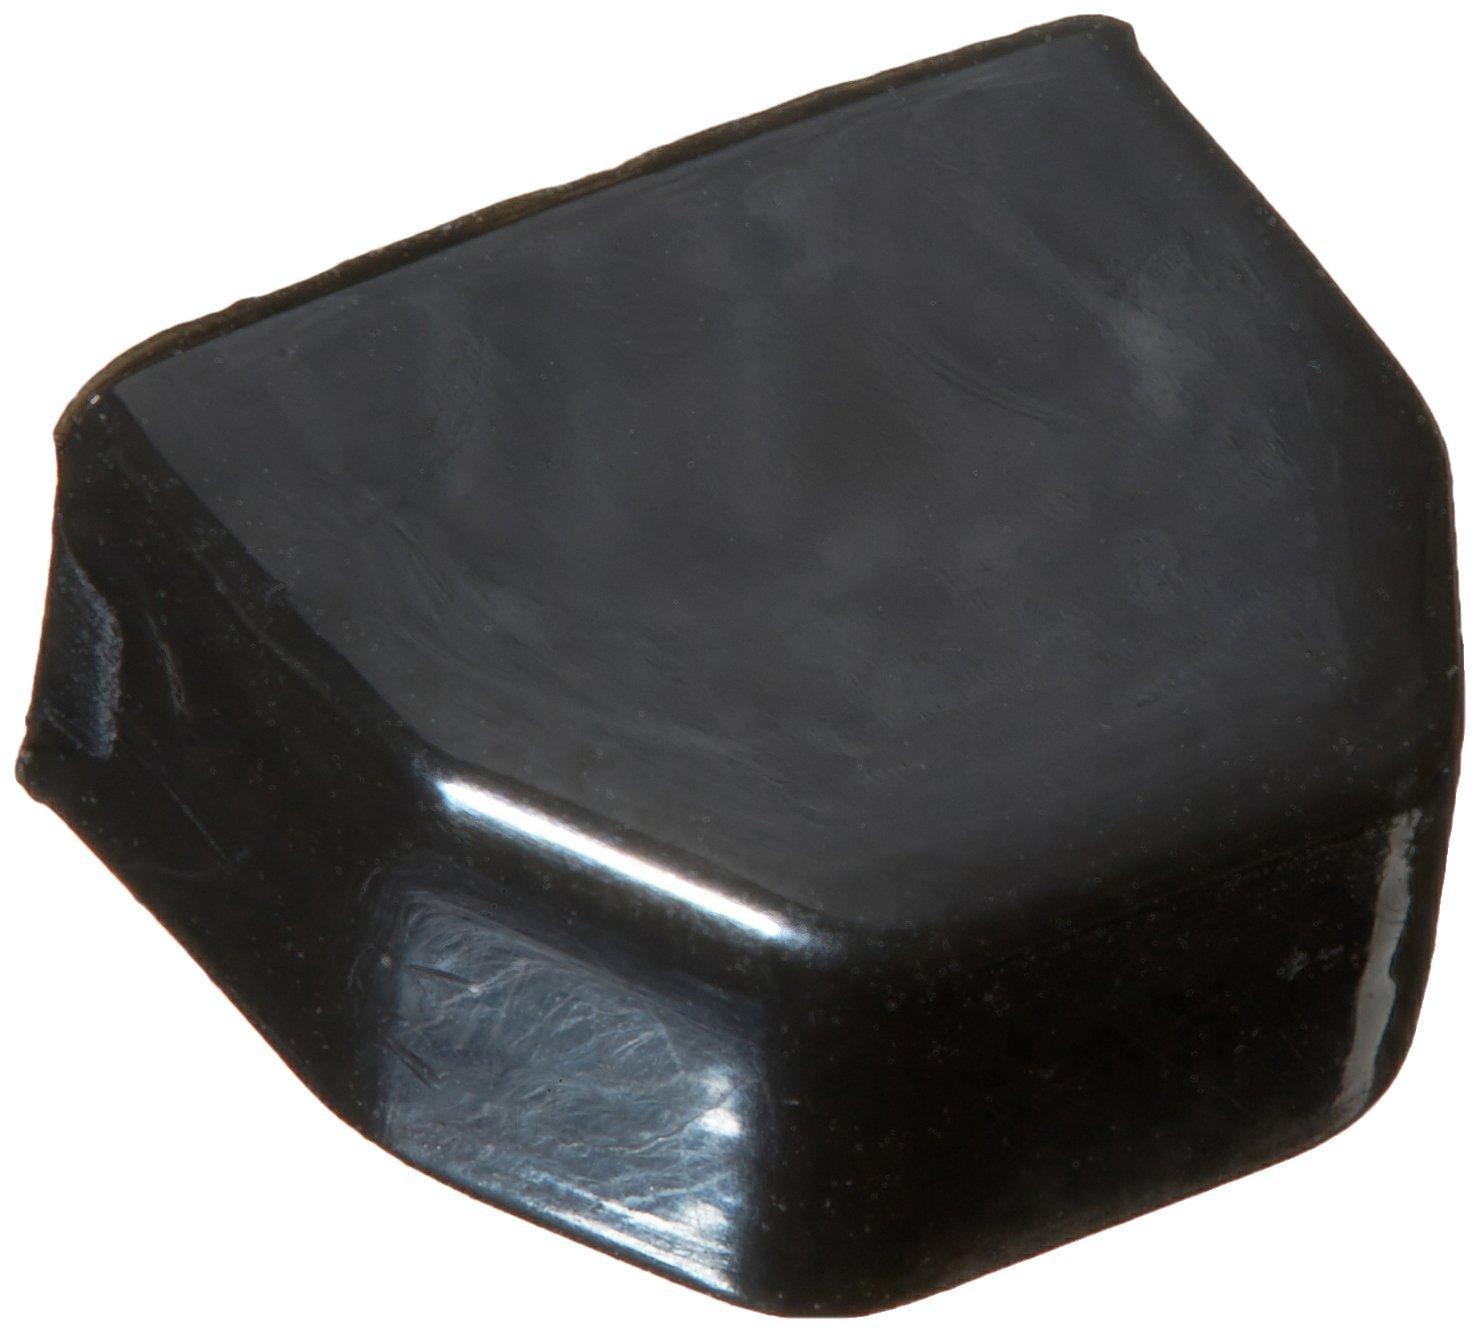 Hitachi 885887 No Mar Nose Cap